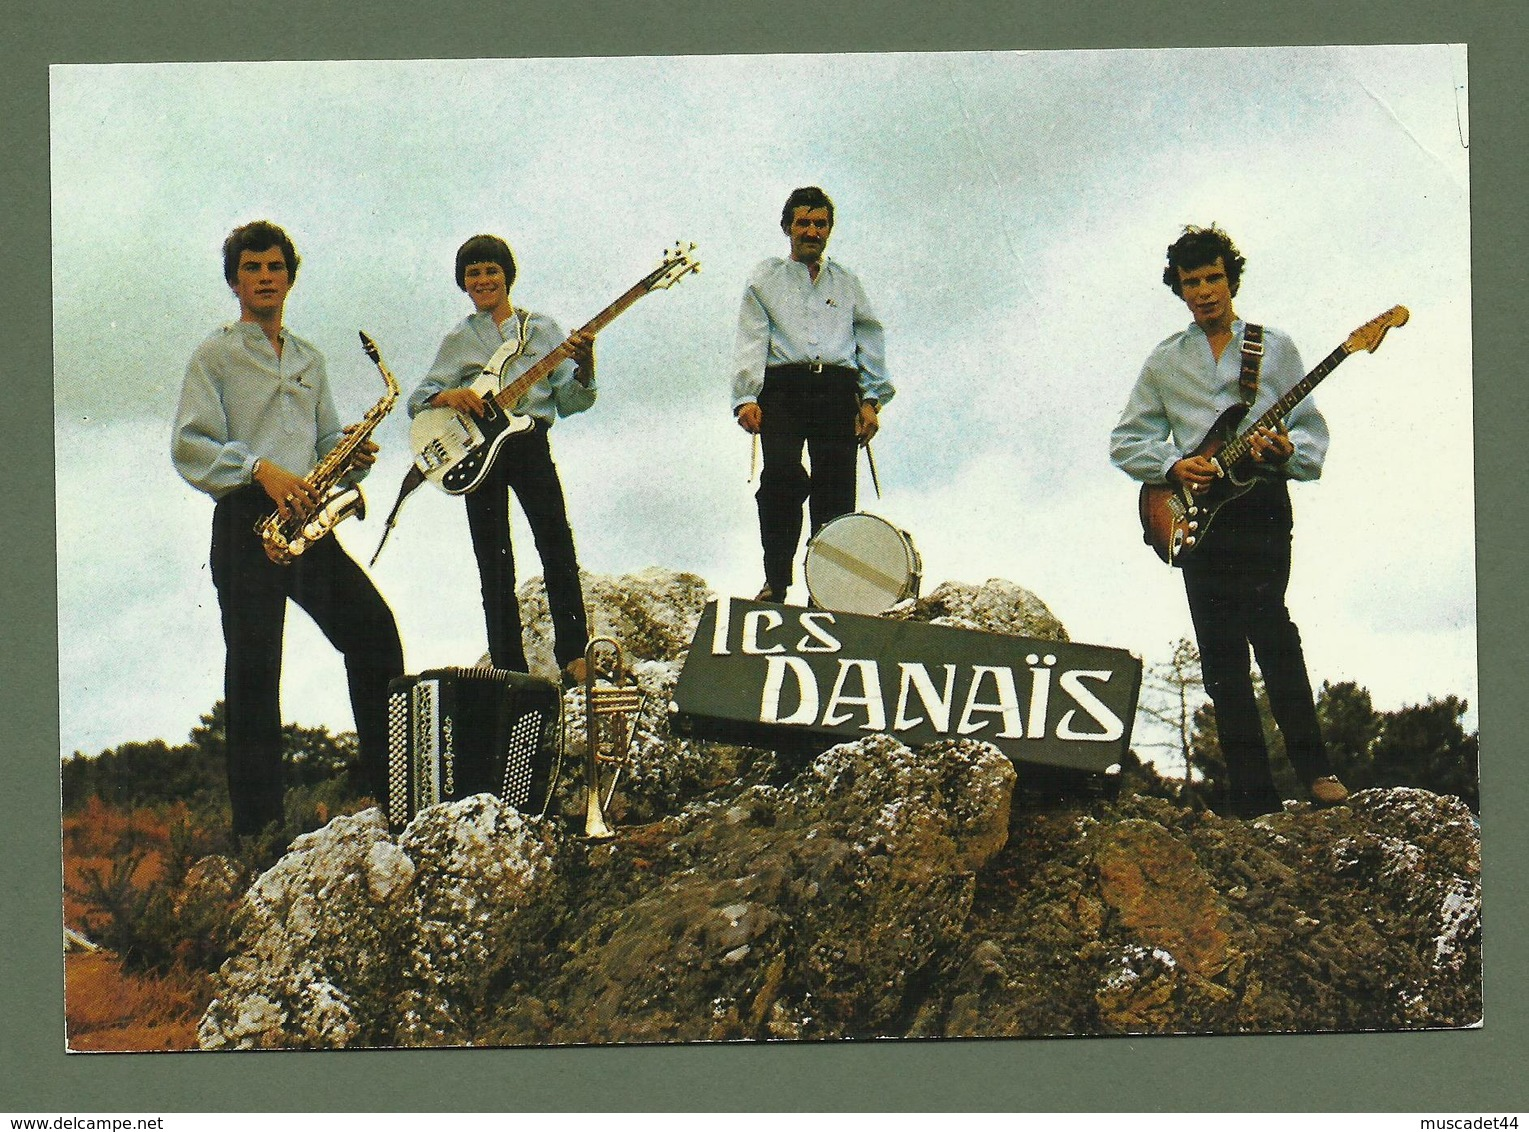 CARTE POSTALE  44 AVESSAC ORCHESTRE LES DANAIS FRANCIS DAVID LOTISSEMENT DE LA GARE LOIRE ATLANTIQUE - Francia